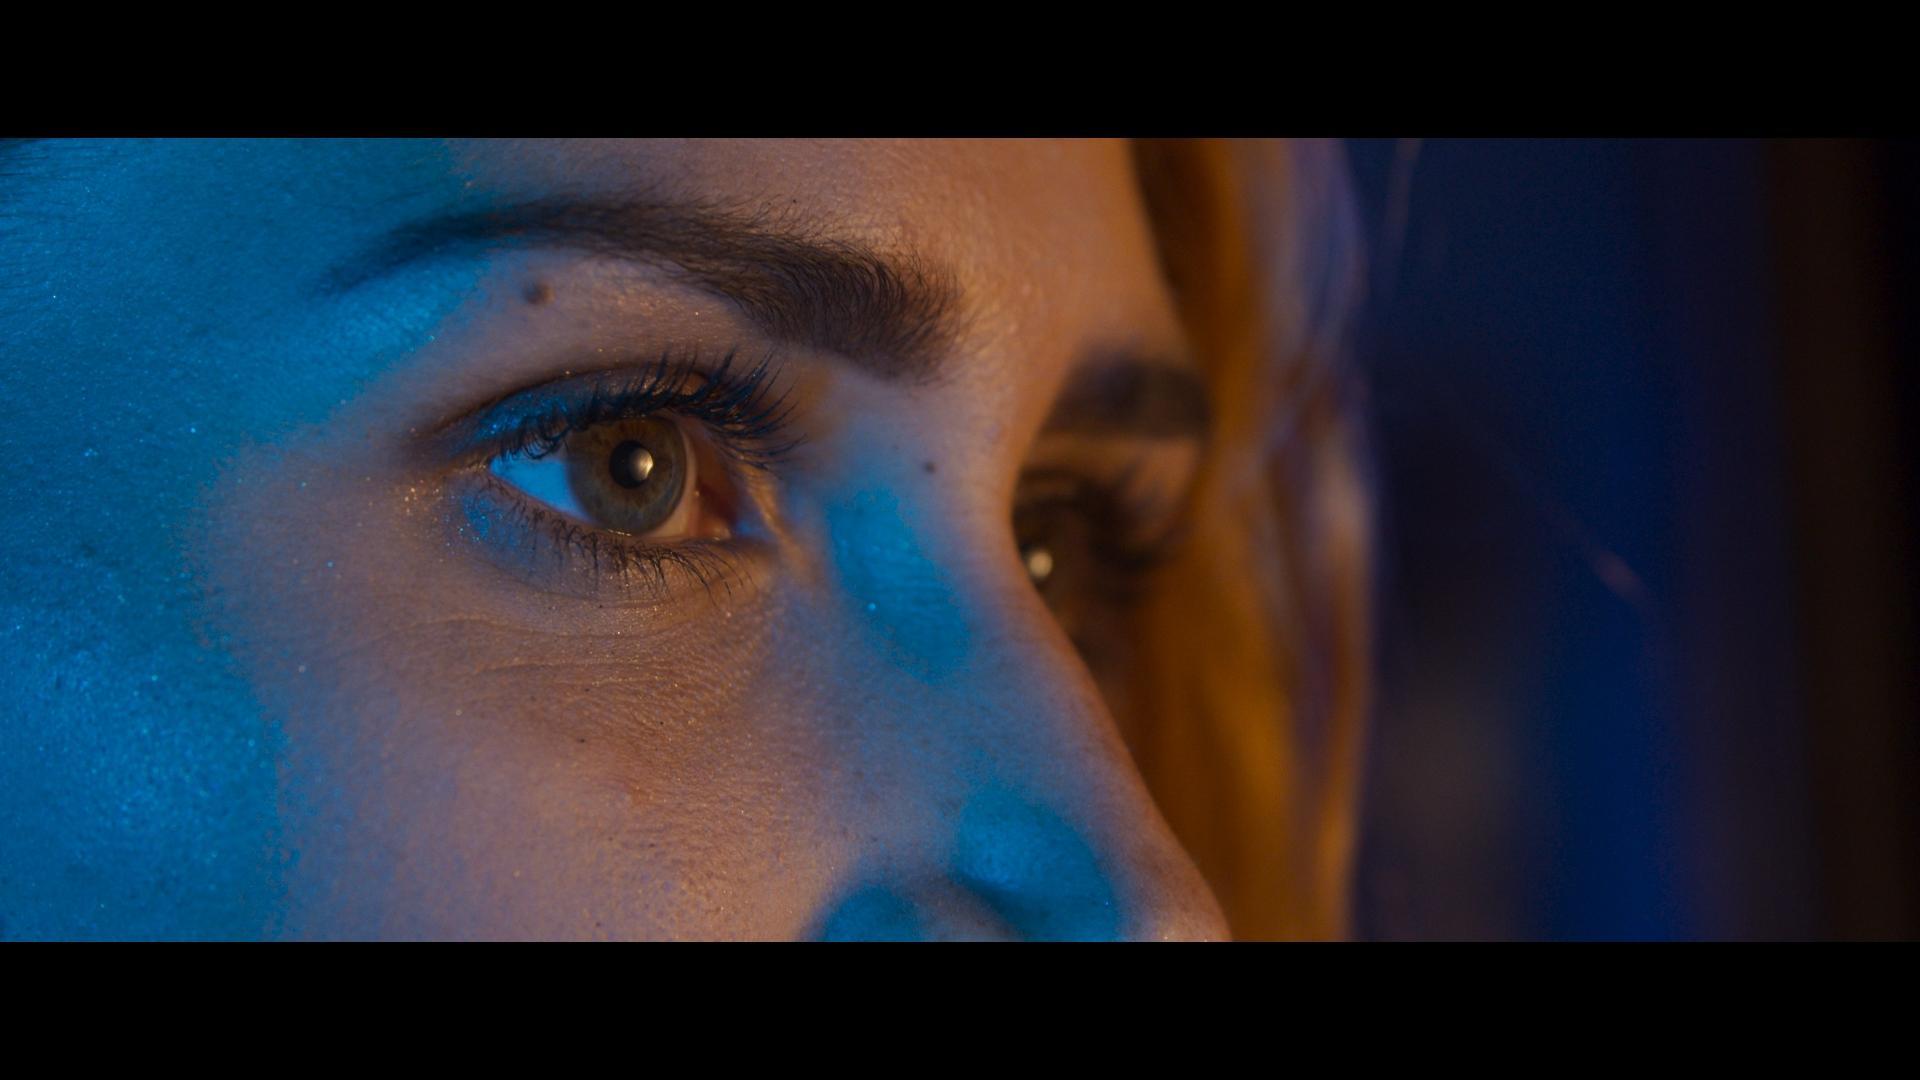 Still from short film Roybn